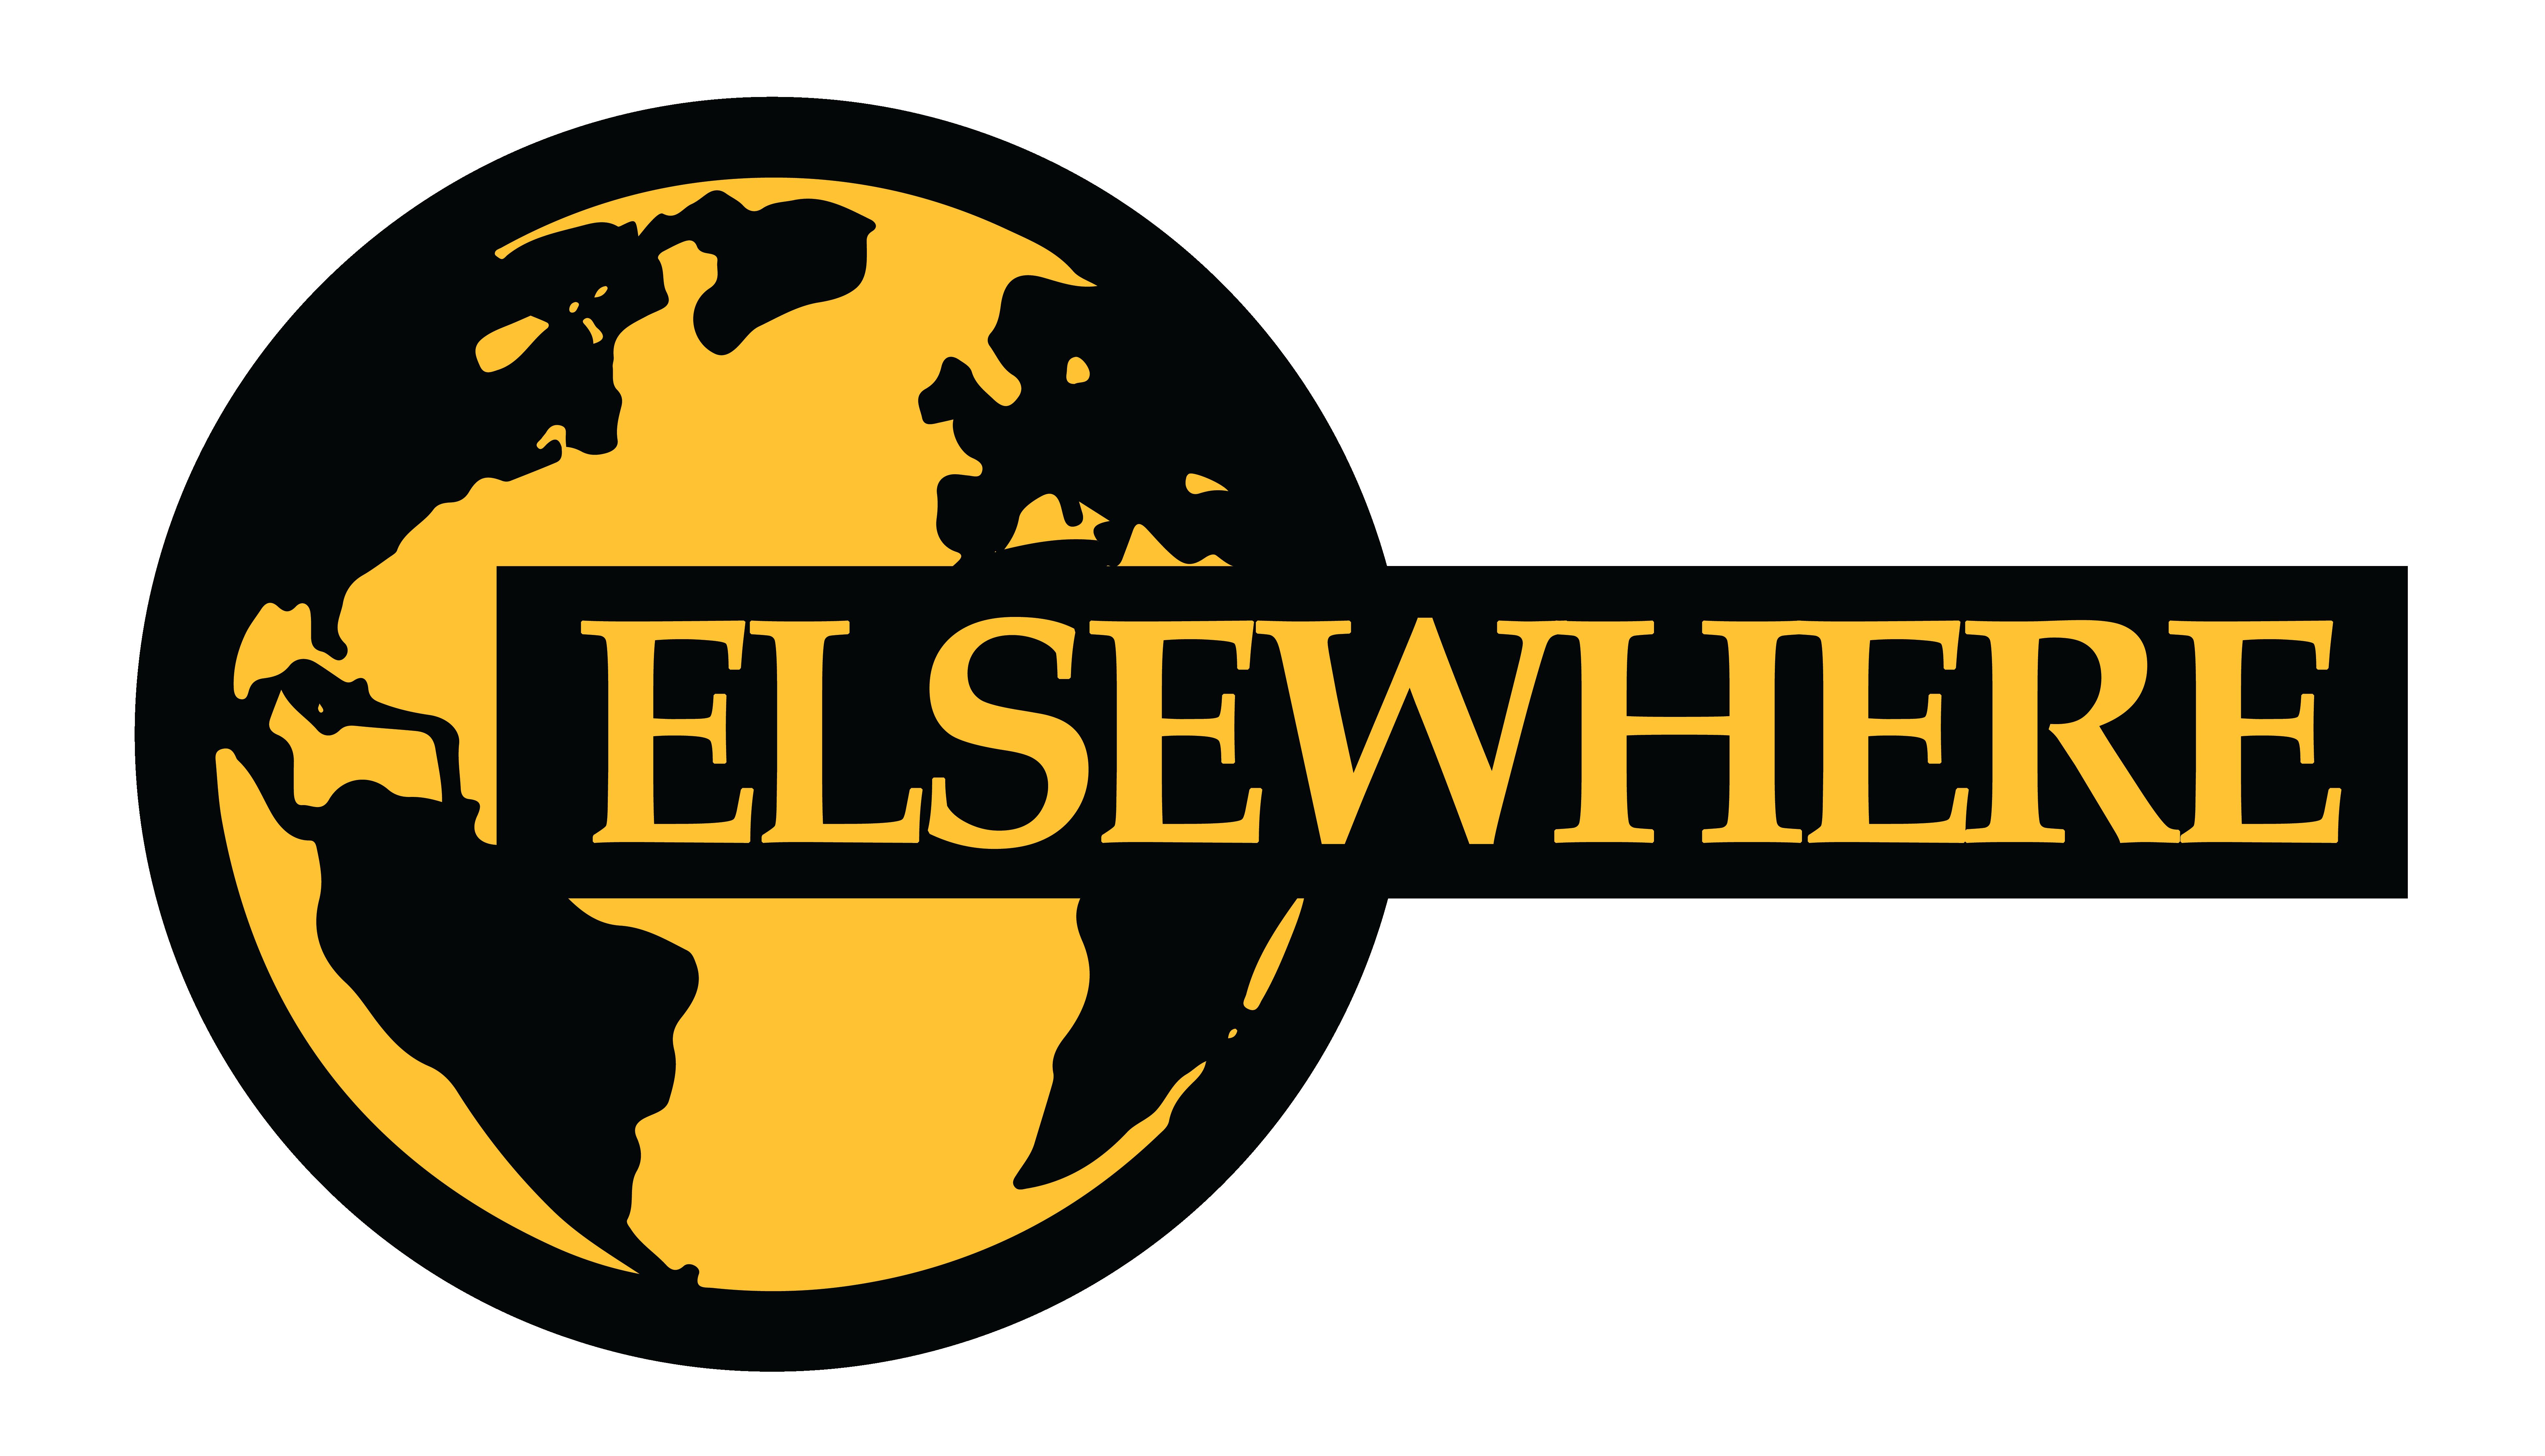 elsewhere-01